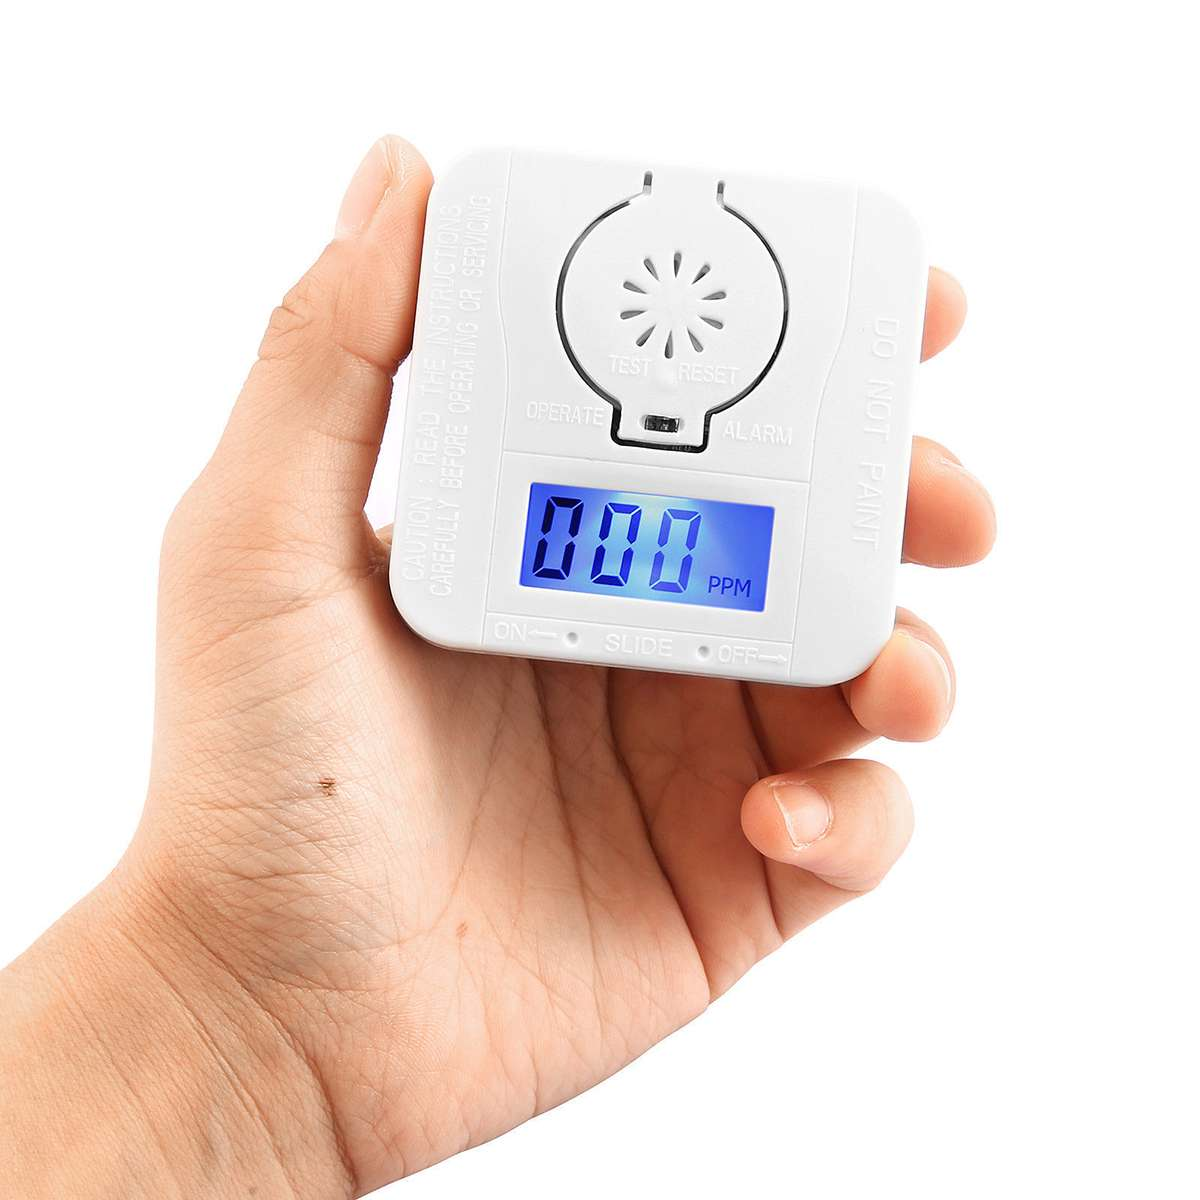 CO Monóxido De Carbono Envenenamento Alarme Sensor de Gás Aviso Detector de Fumaça Segurança Alarme Envenenamento LCD Detectores Fotoelétricos